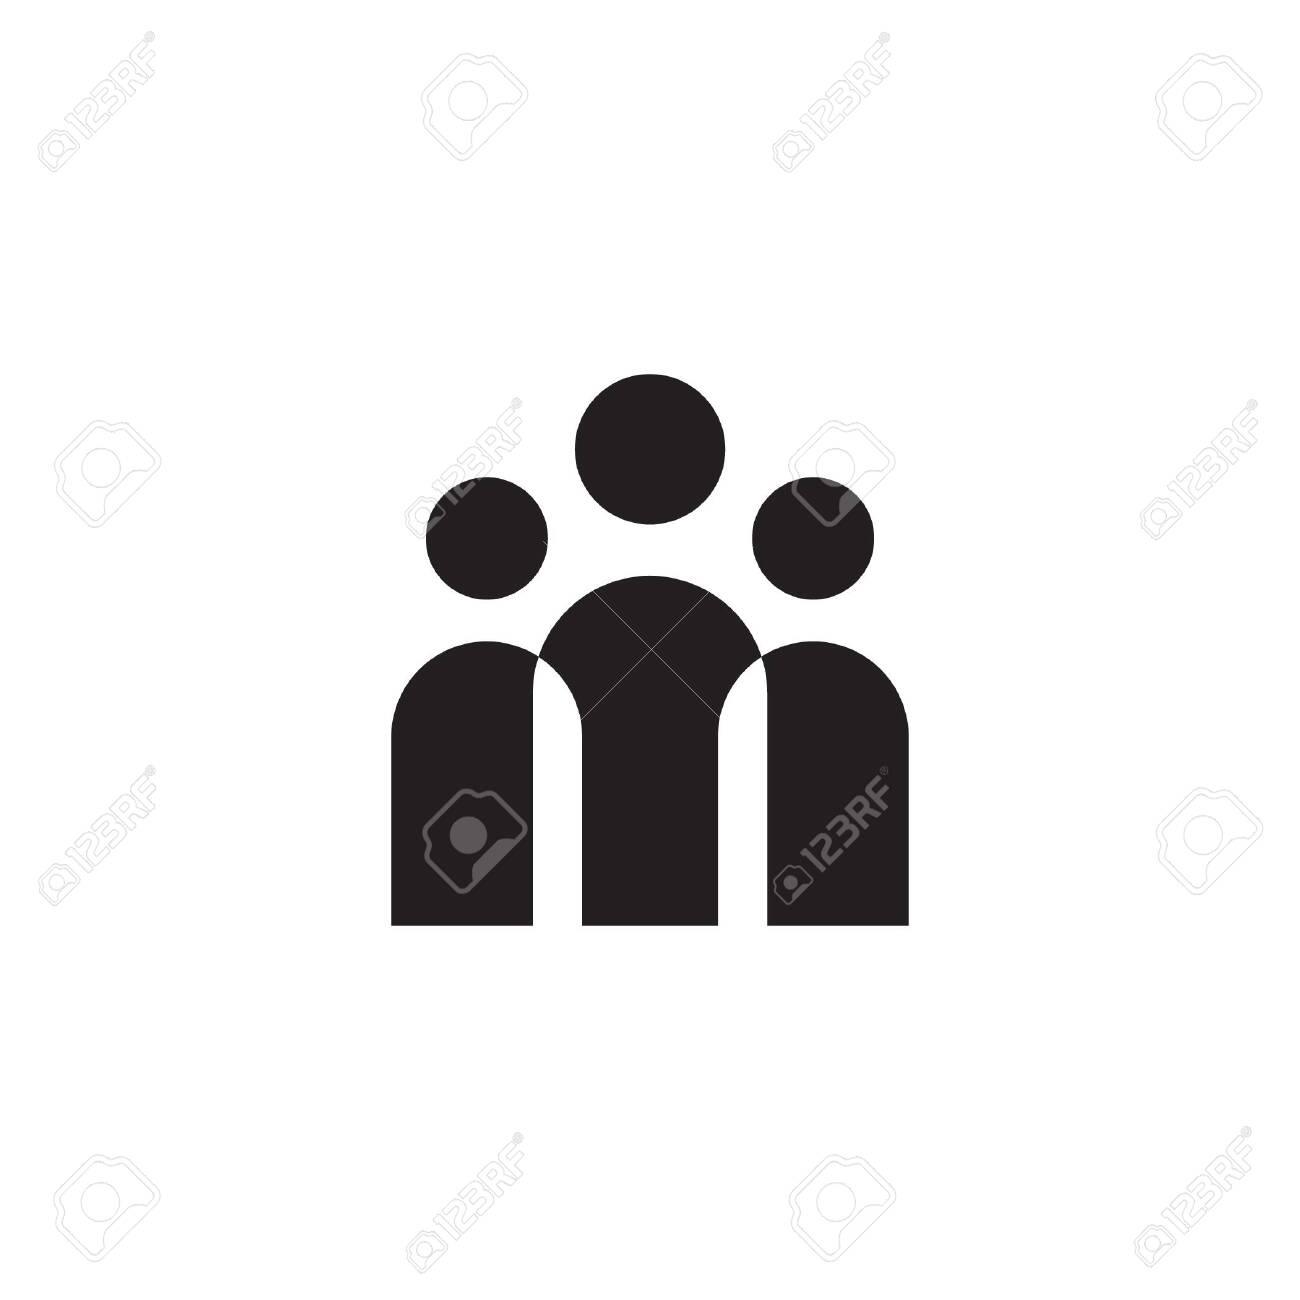 crowd vector icon design - 157626445